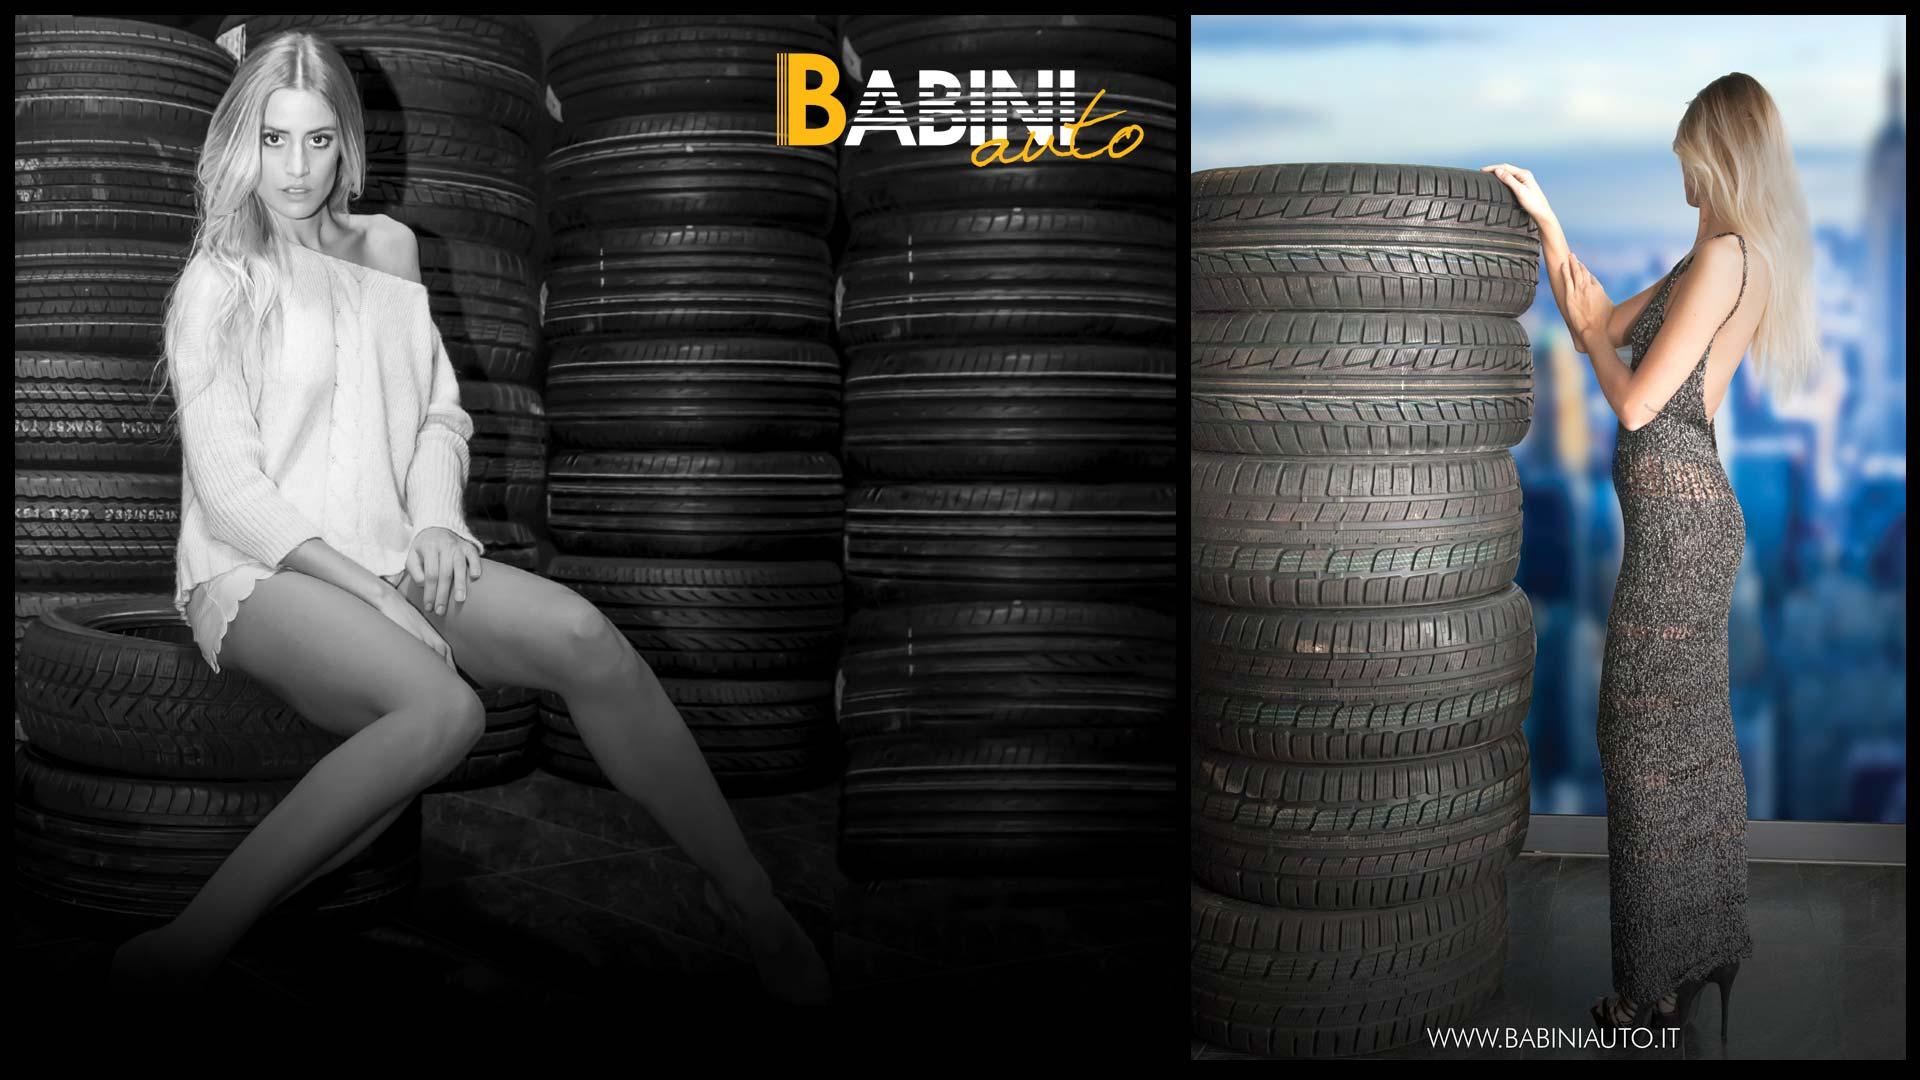 Grafica pubblicitaria La Spezia - Babini auto promozioni con modella